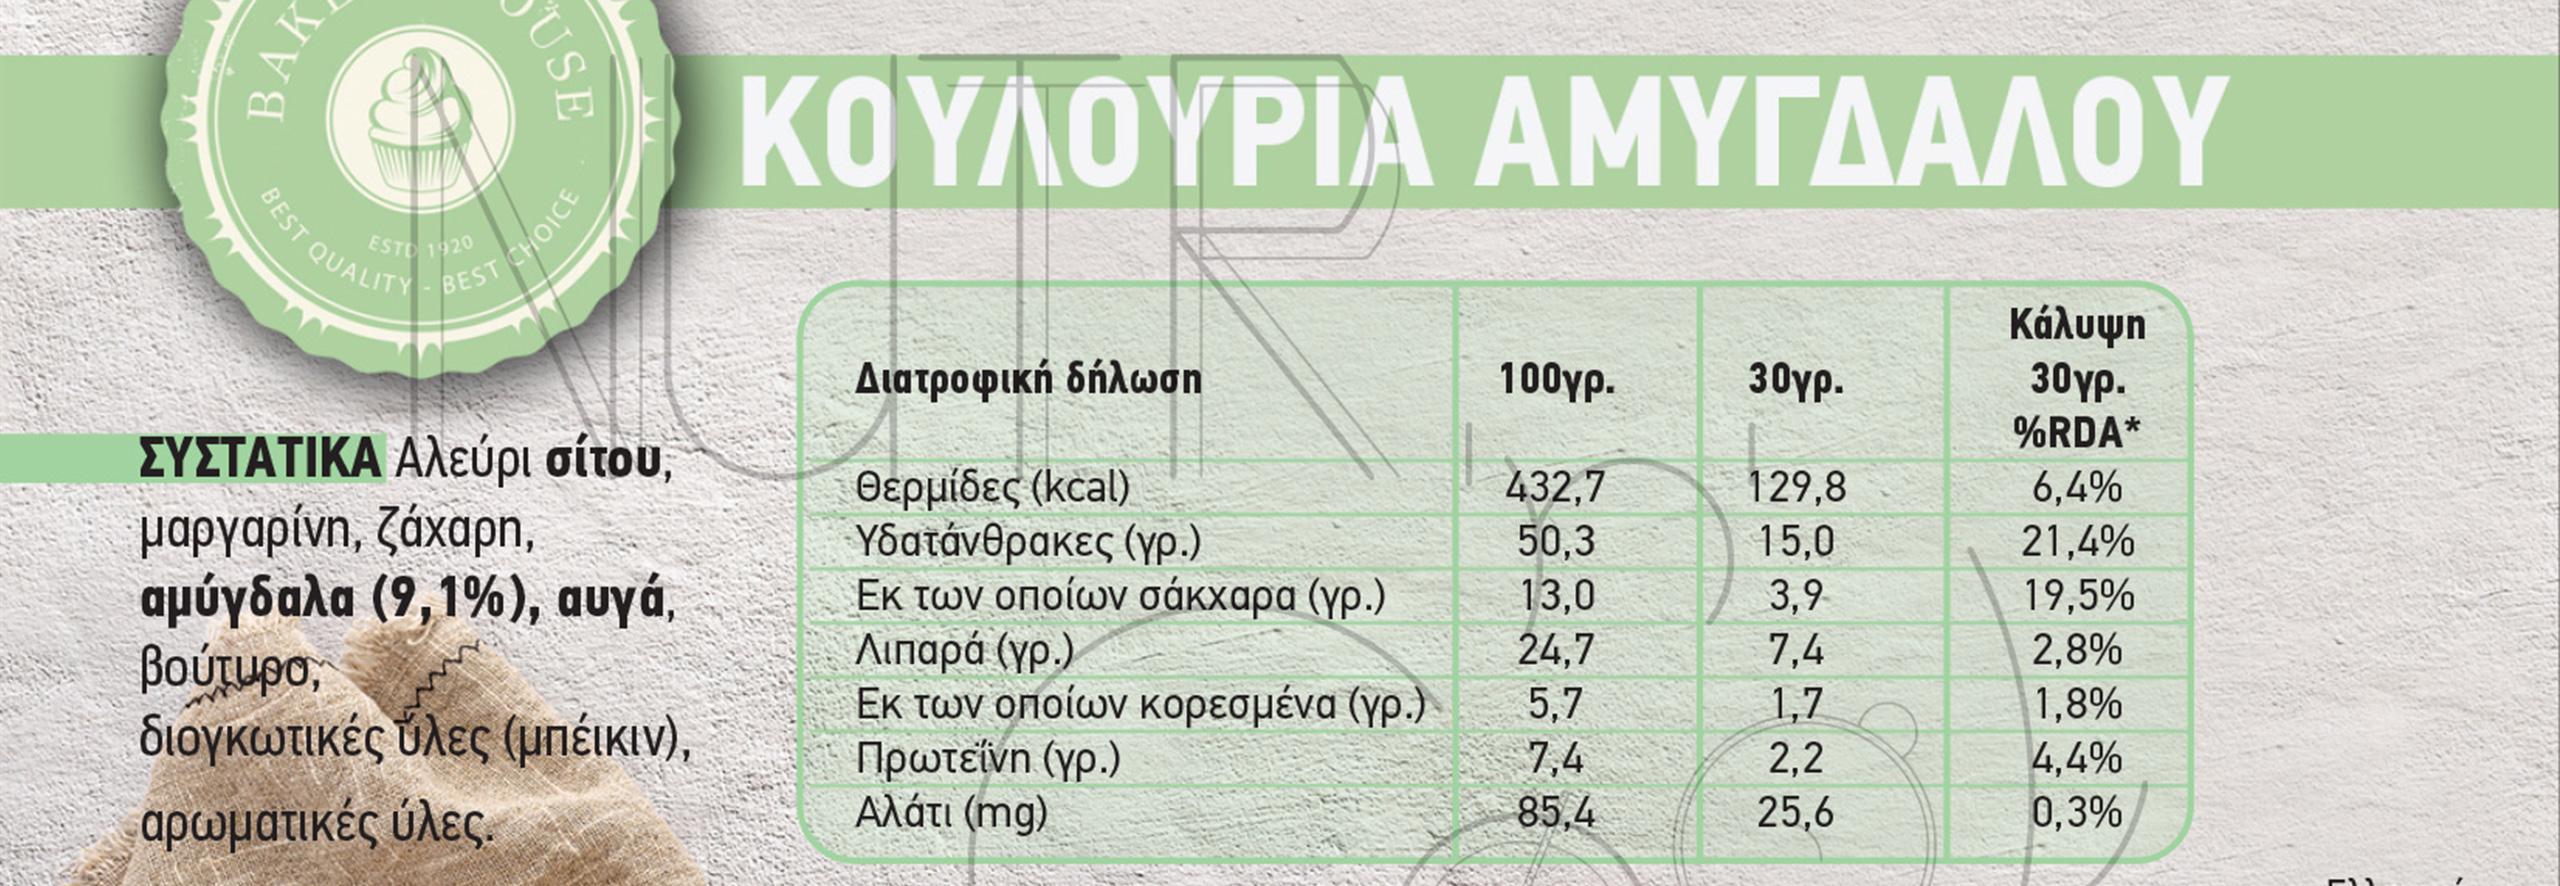 Διατροφικη Ετικέτα Στυλιανός Κάρλος Χίος